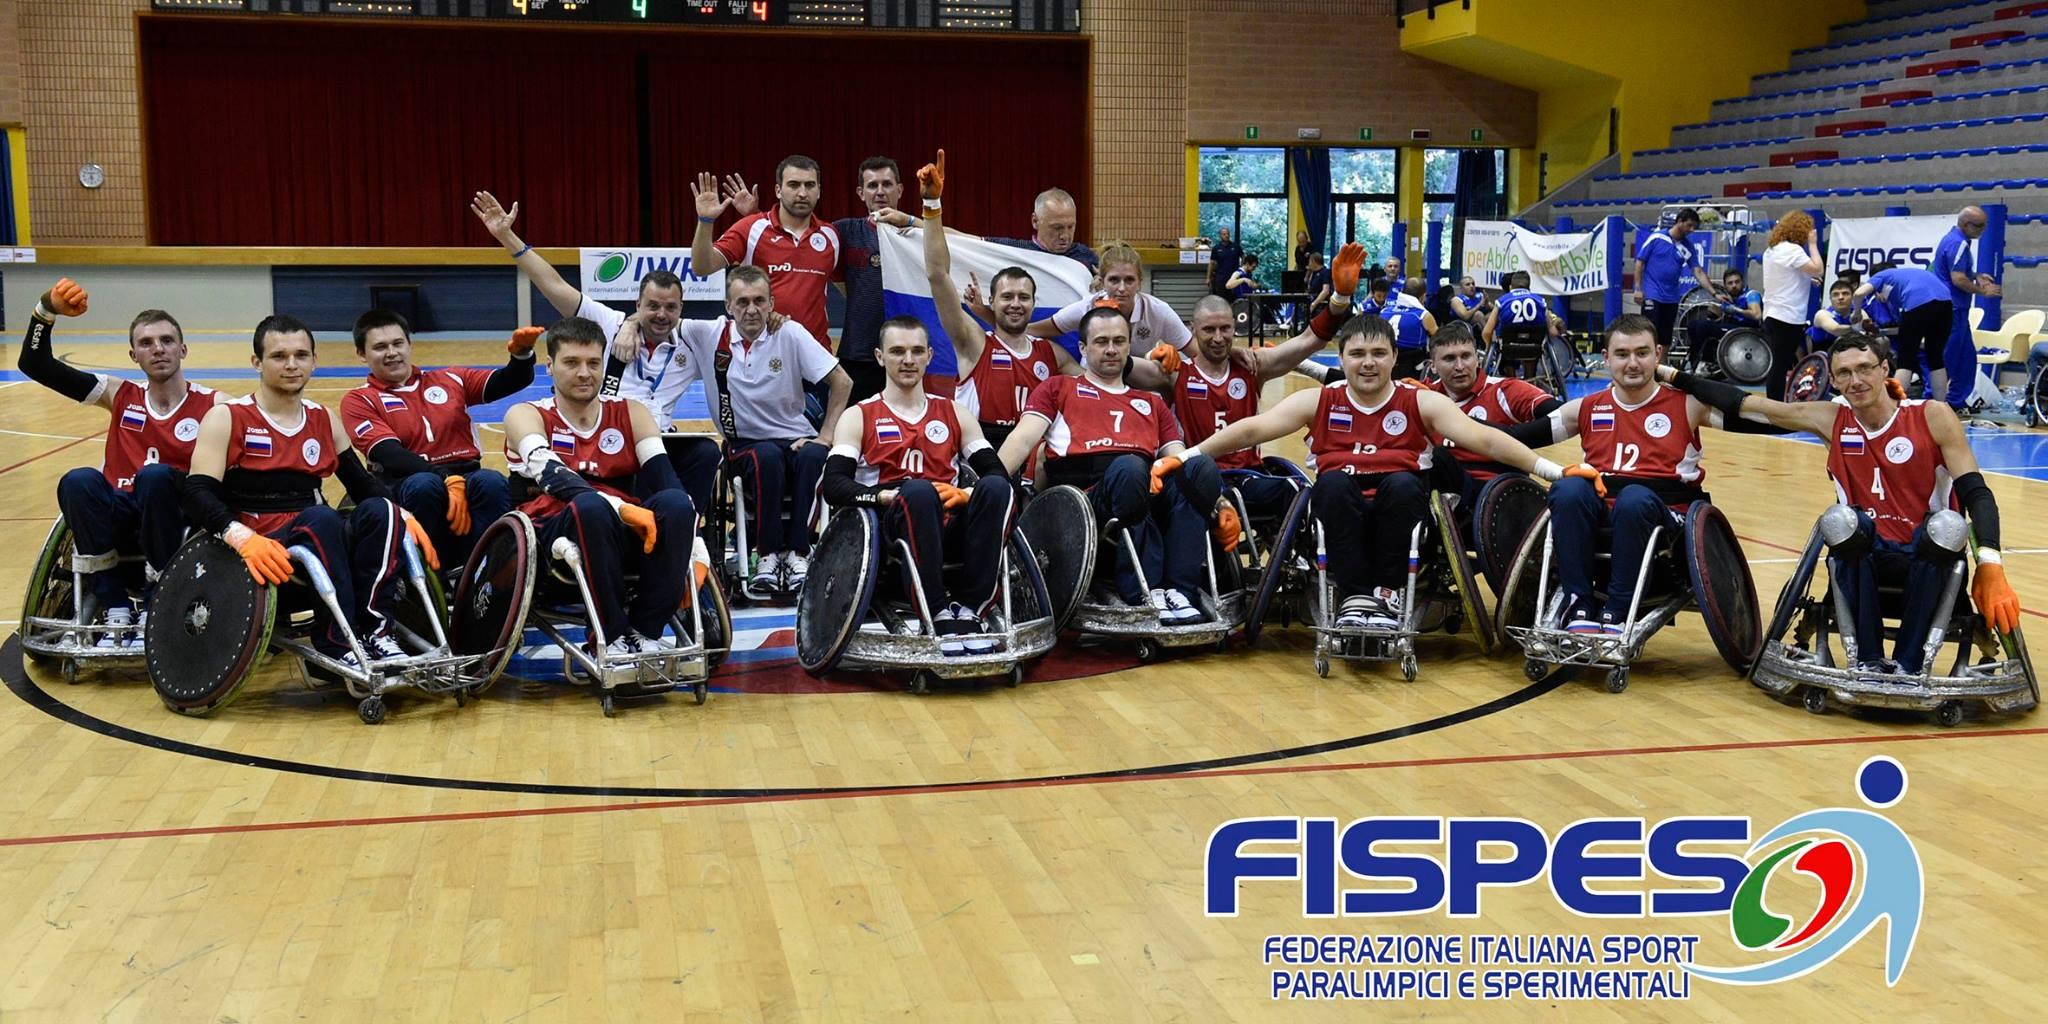 Российские регбисты выиграли чемпионат Европы в дивизионе С в Италии и завоевали путевку в дивизион В